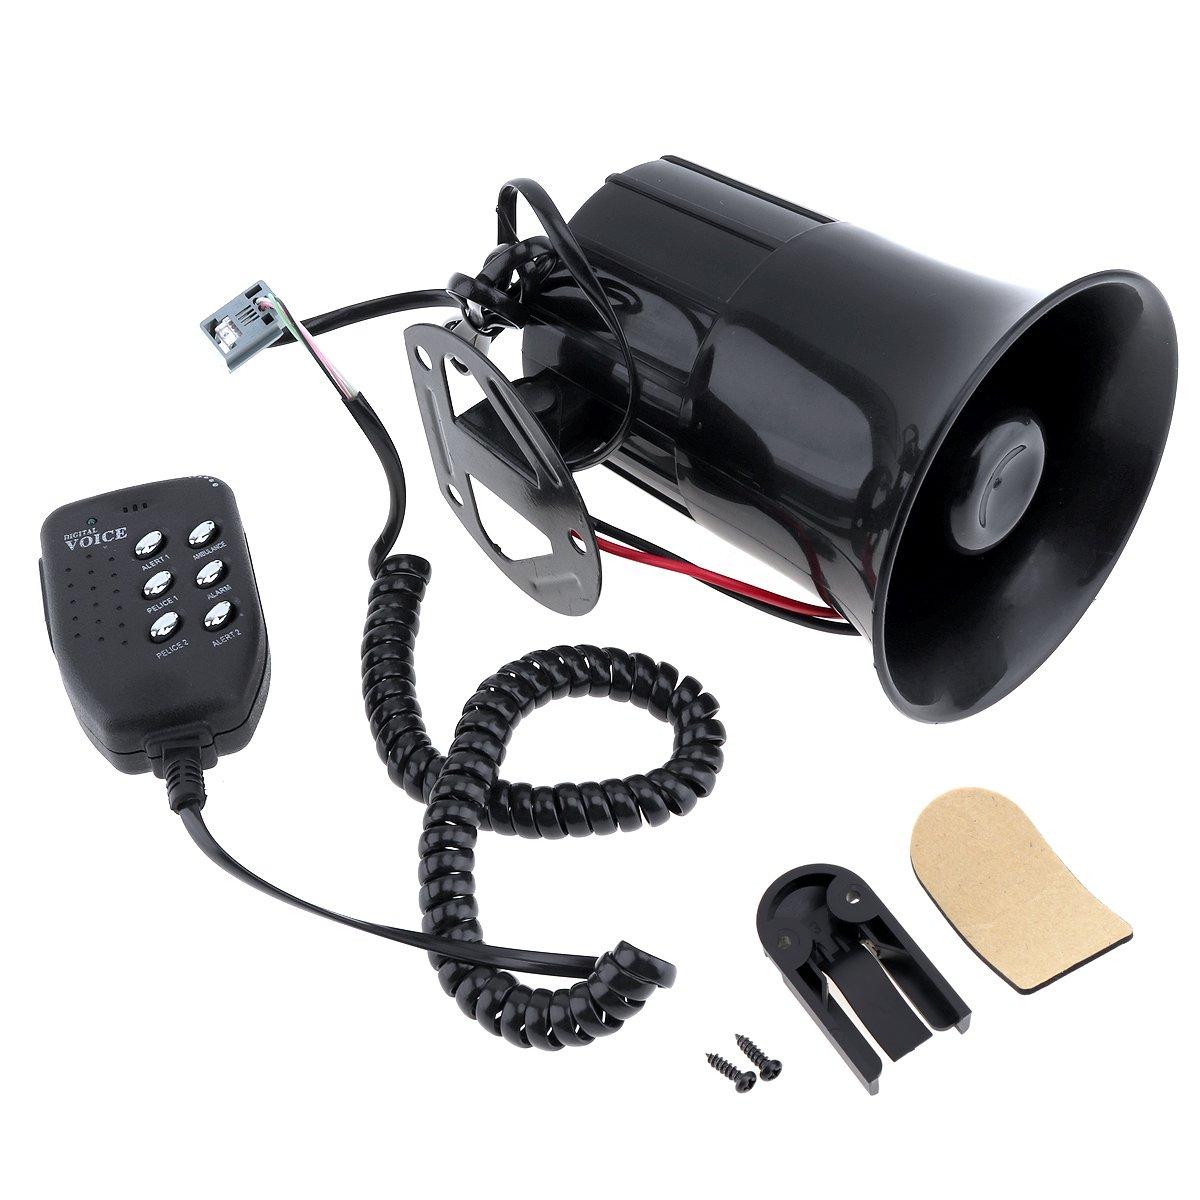 Sirena de 12 V con seis sonidos y altavoz para coches ...